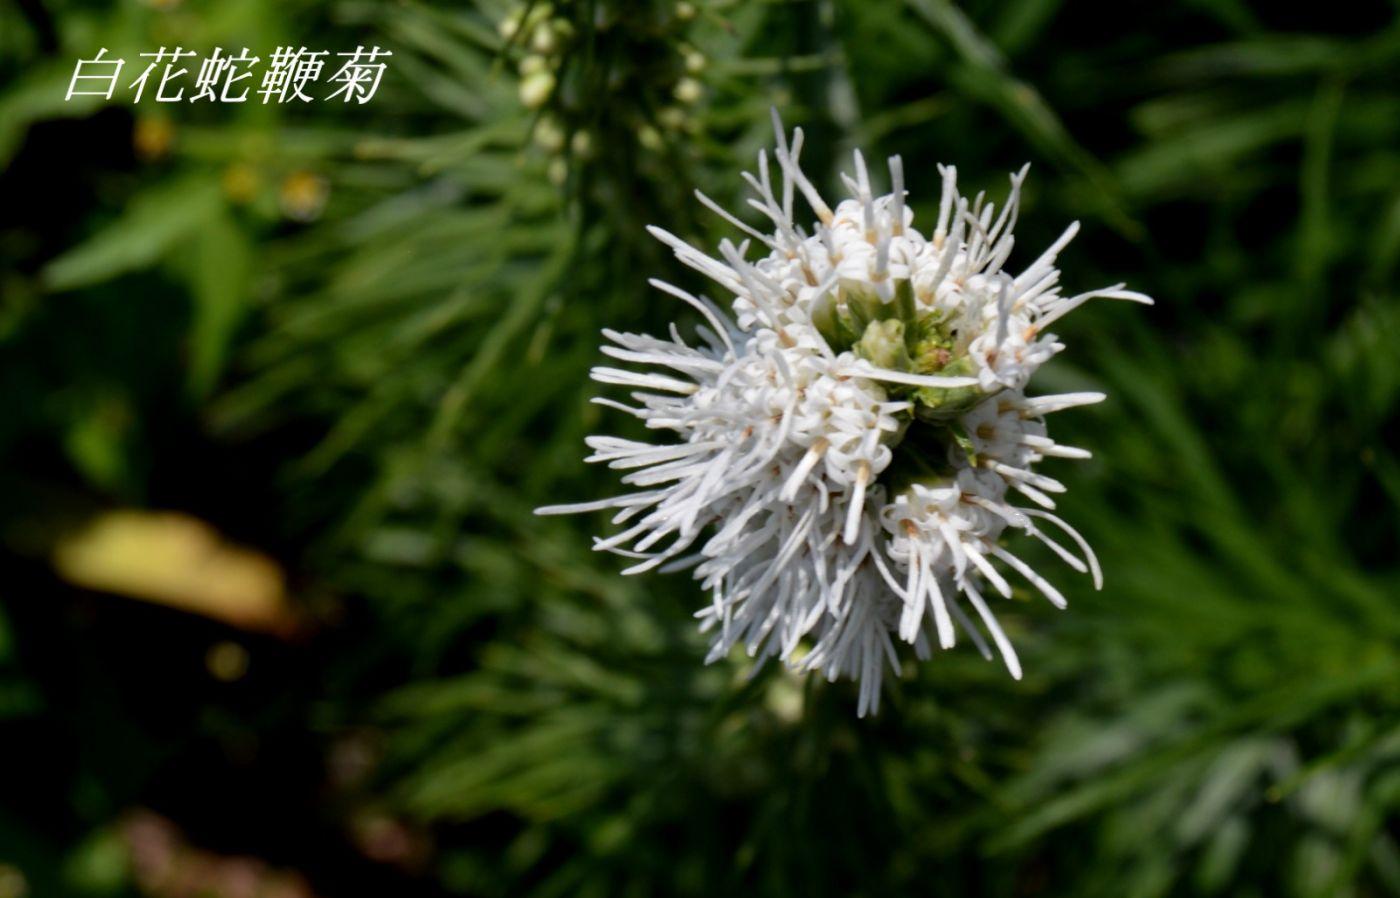 麒麟菊_图1-10